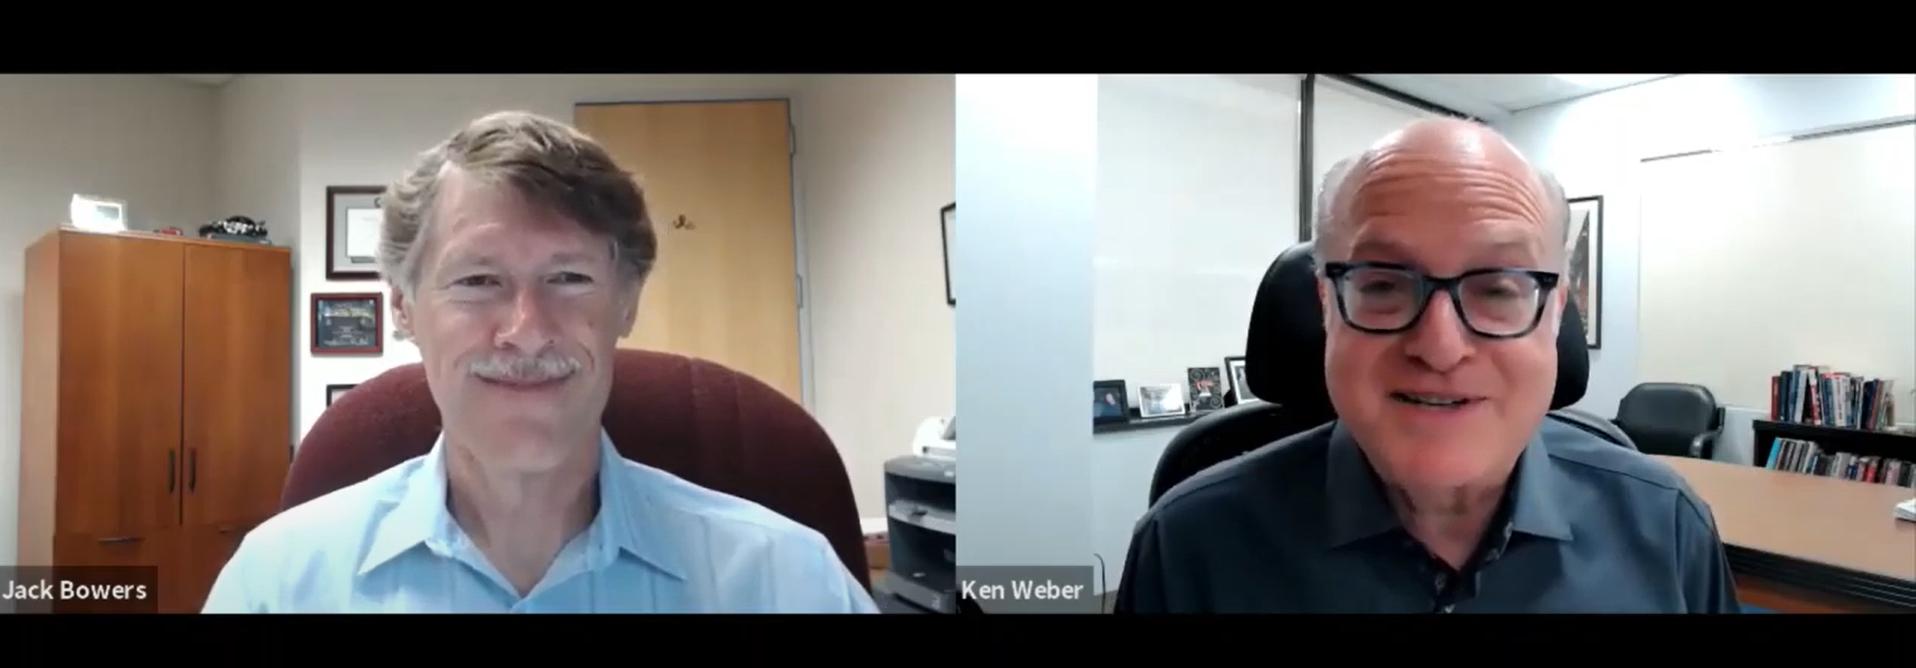 VIDEO: Ken Weber & Jack Bowers 8/3/21 Market Discussion Thumbnail